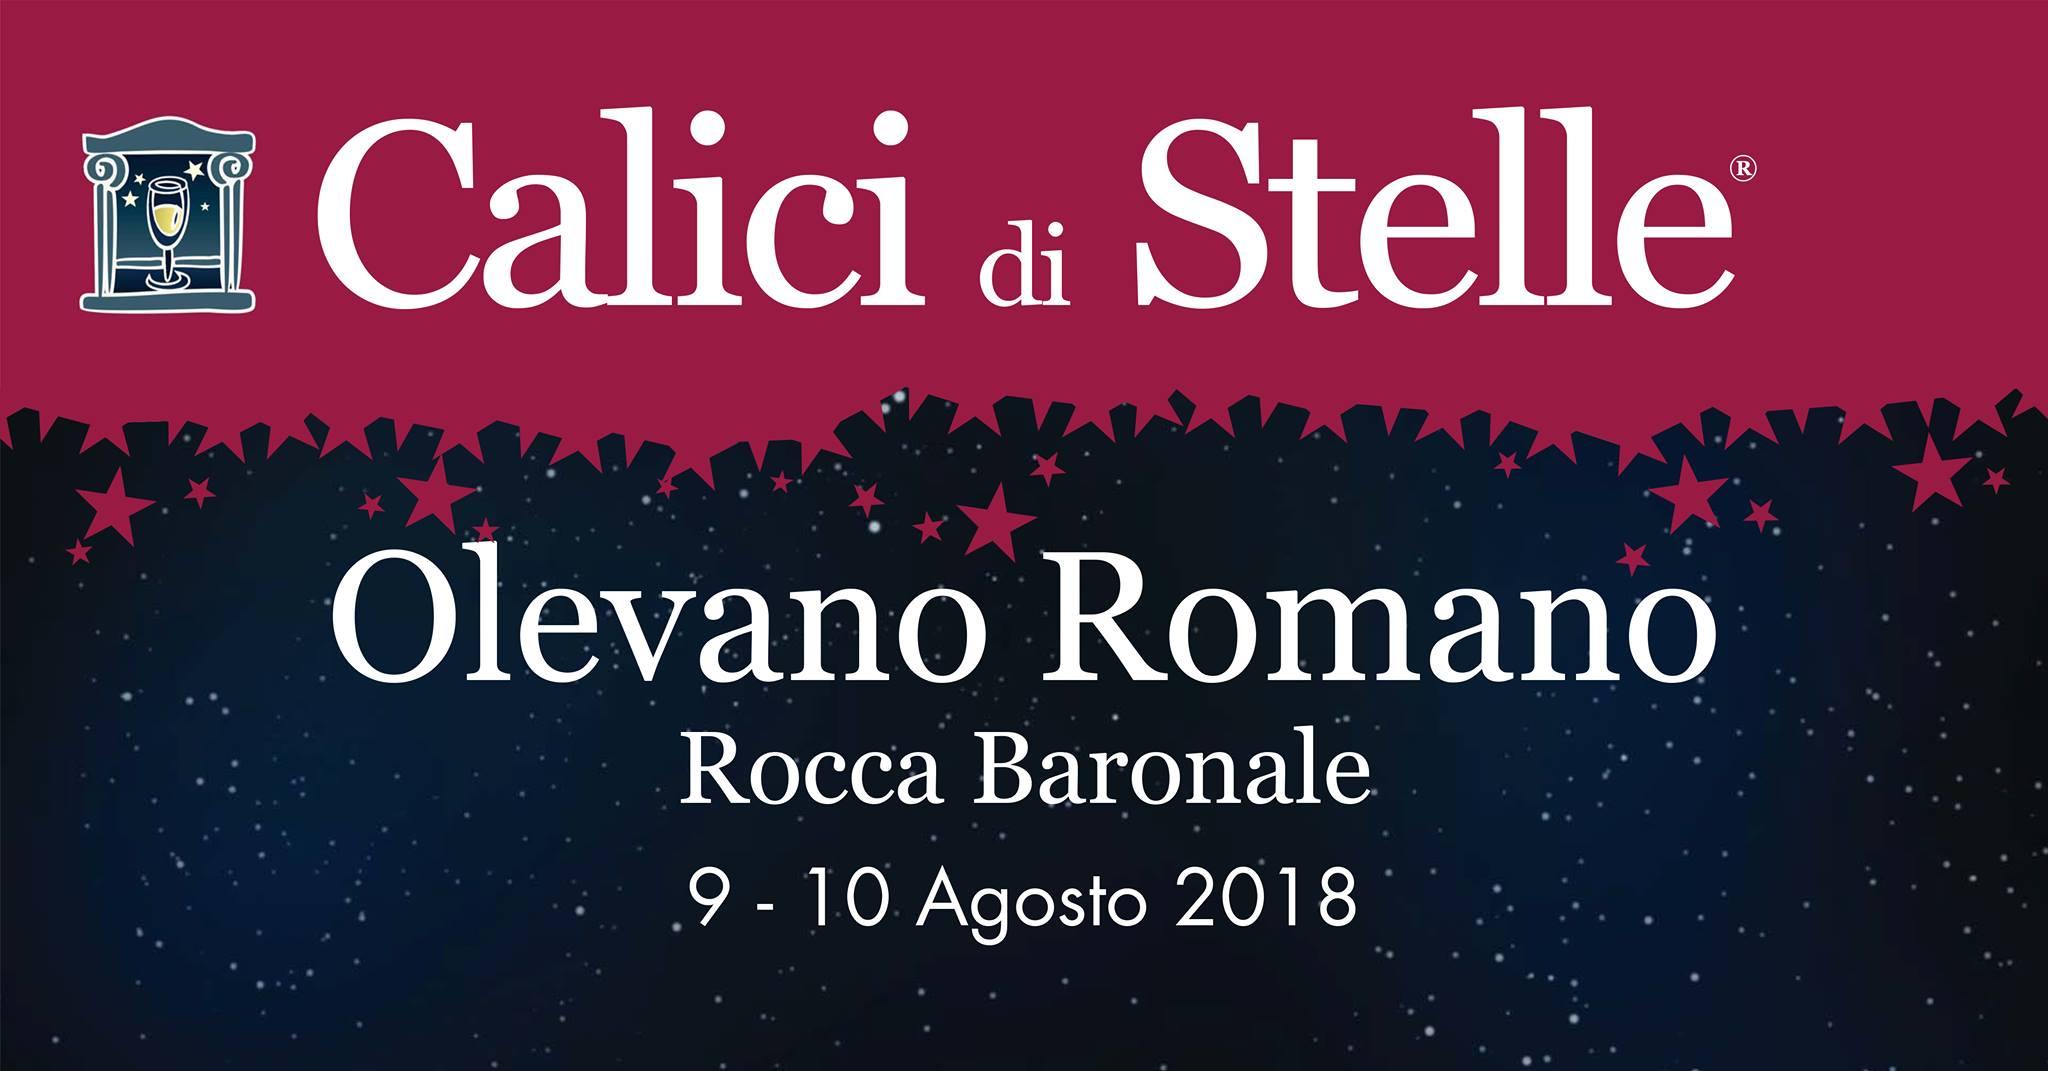 Calici di stelle olevano romano 9 10 agosto vinicola for Domus arredamenti olevano romano